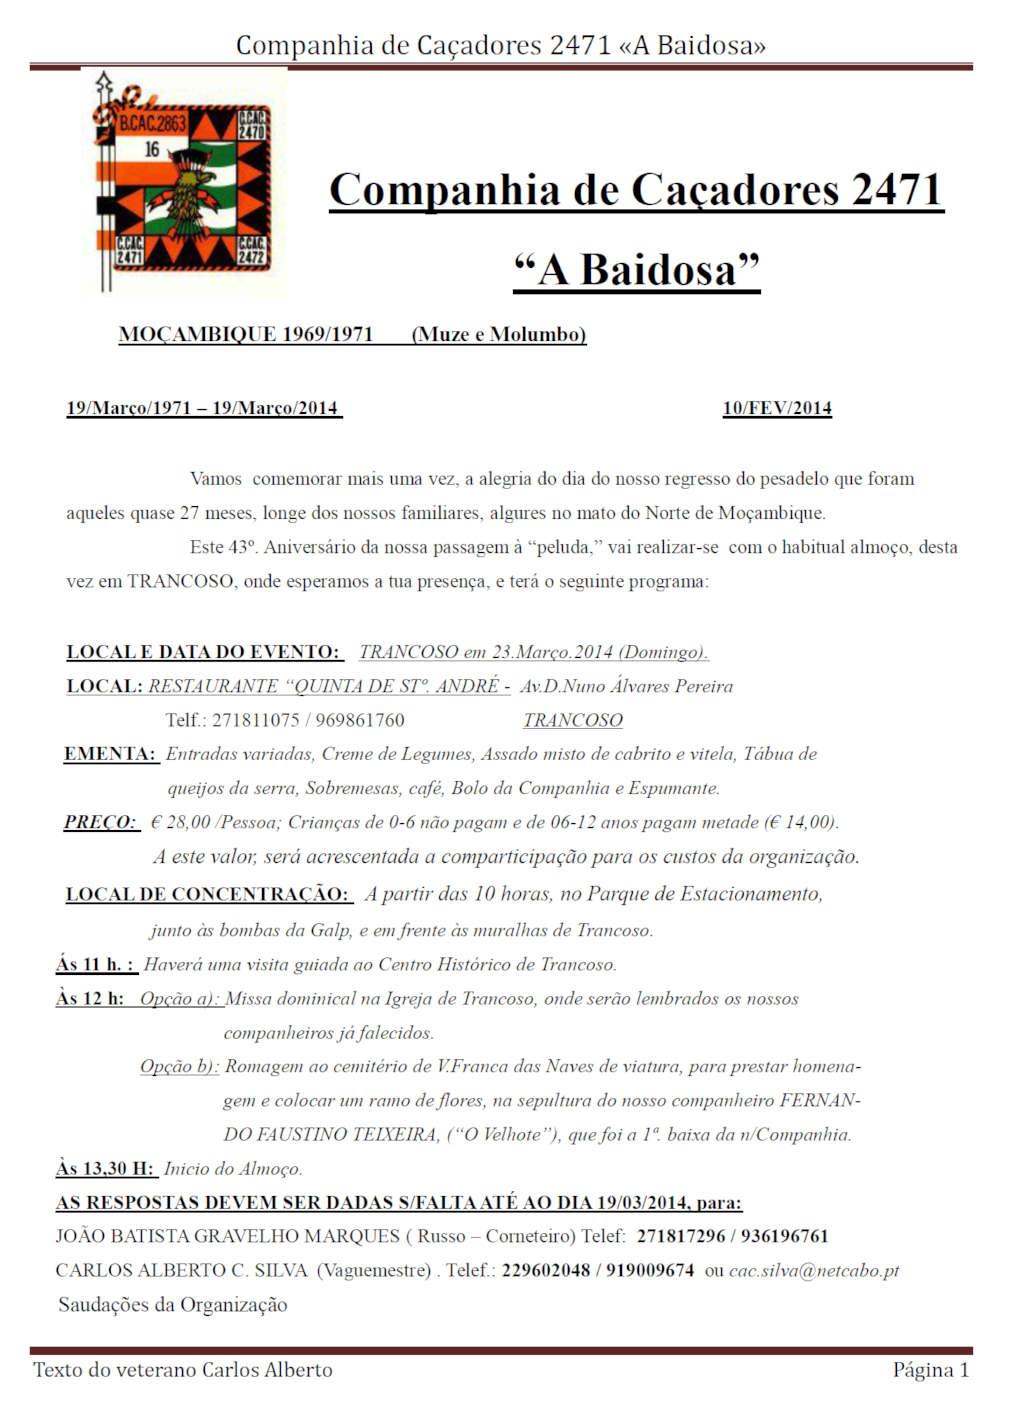 23Mar2014: Almoço Convívio da Companhia de Caçadores 2471 «A Baidosa» Compan10